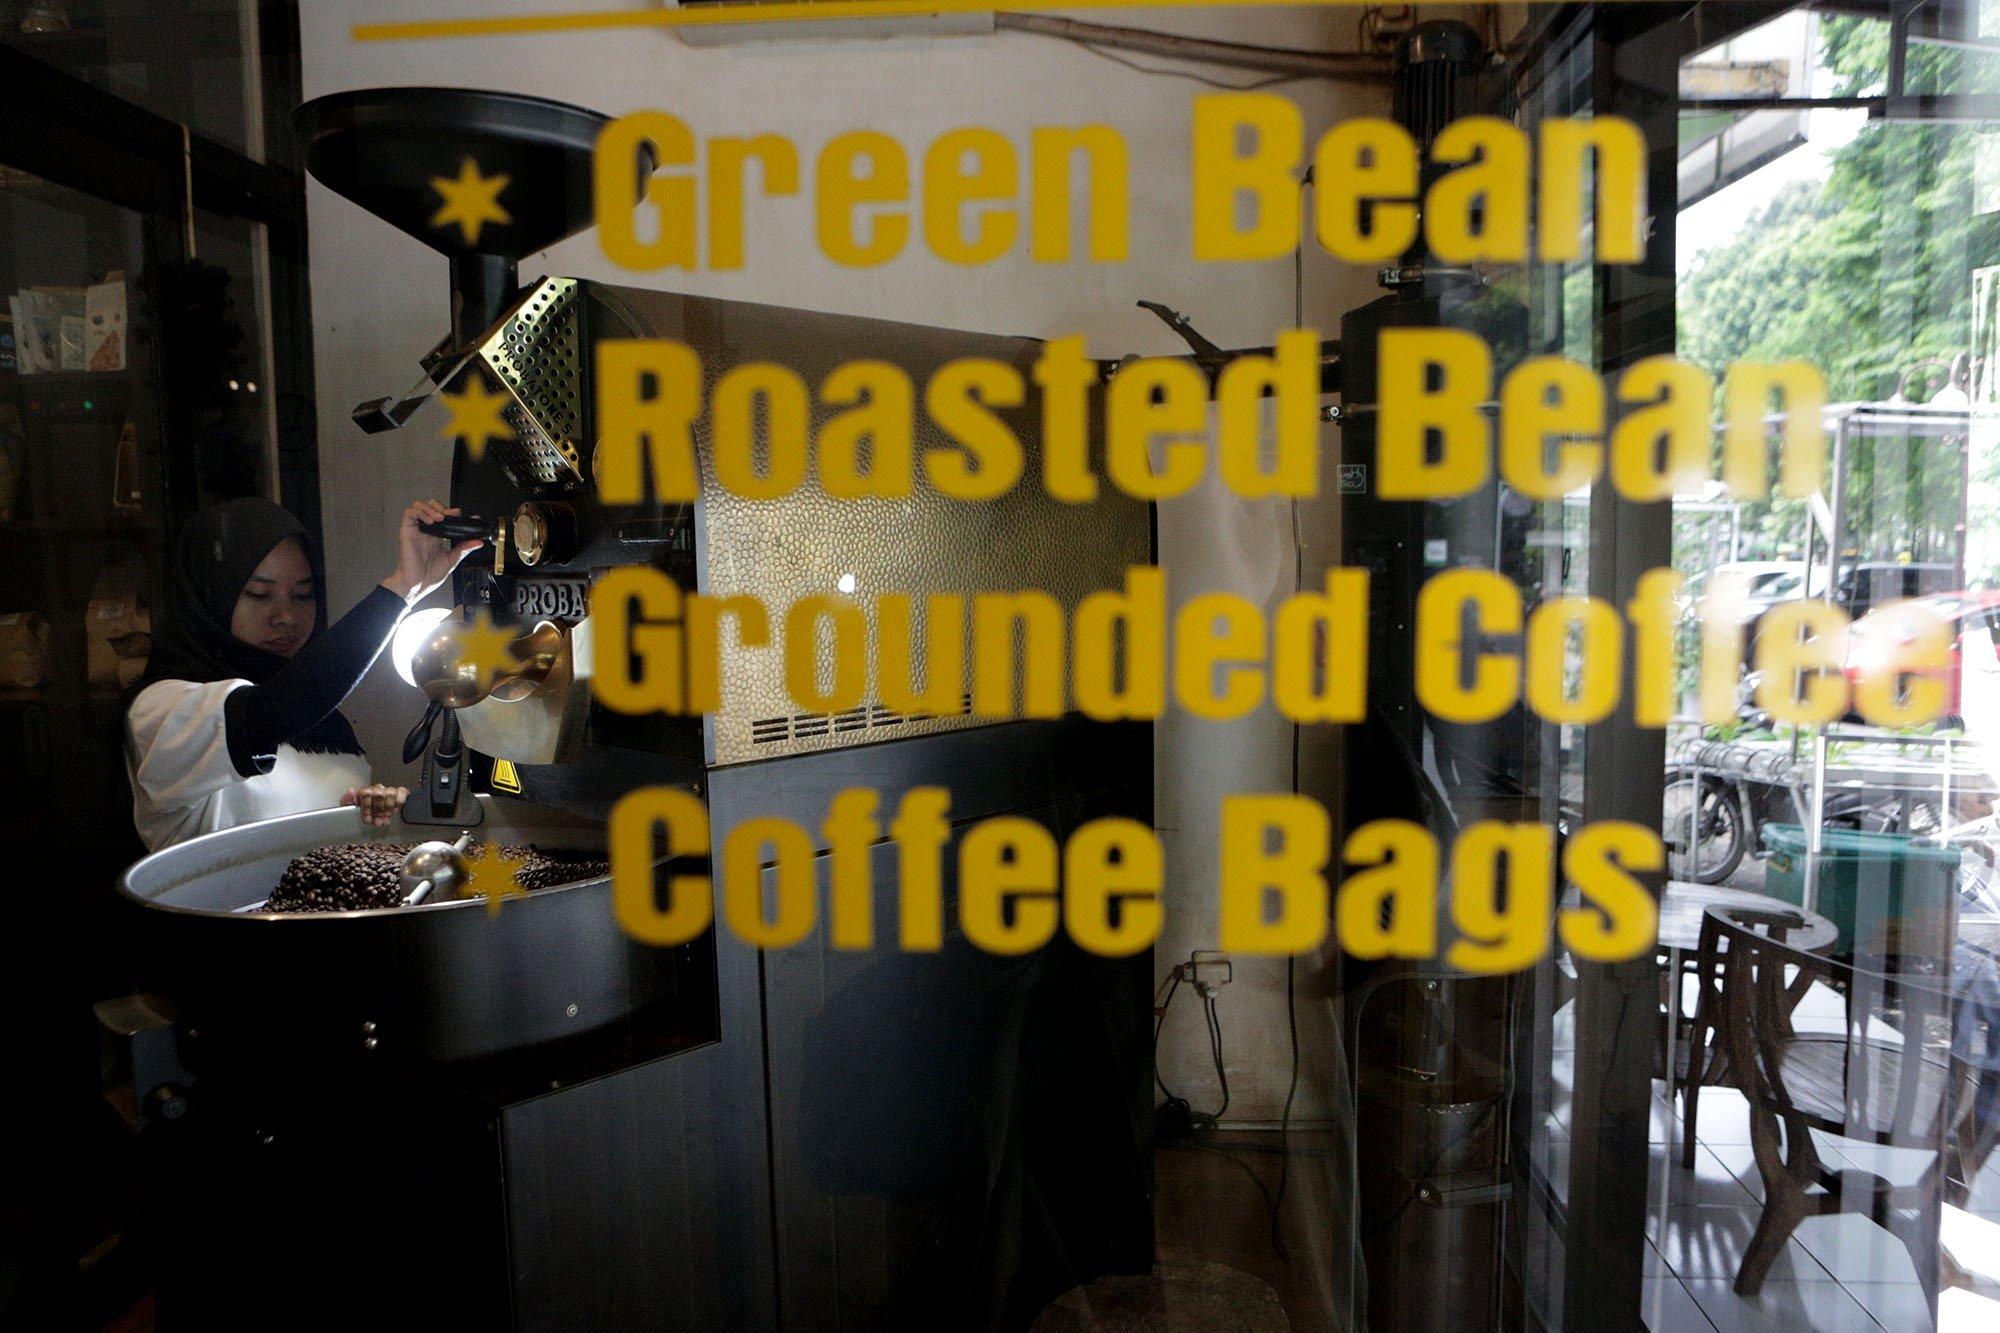 Proses penyanggraian atau roasting biji kopi merupakan hal penting yang mempengaruhi kualitas minuman pahit tersebut di Malabar Mountain Coffee, Bogor, (13/11/2019).